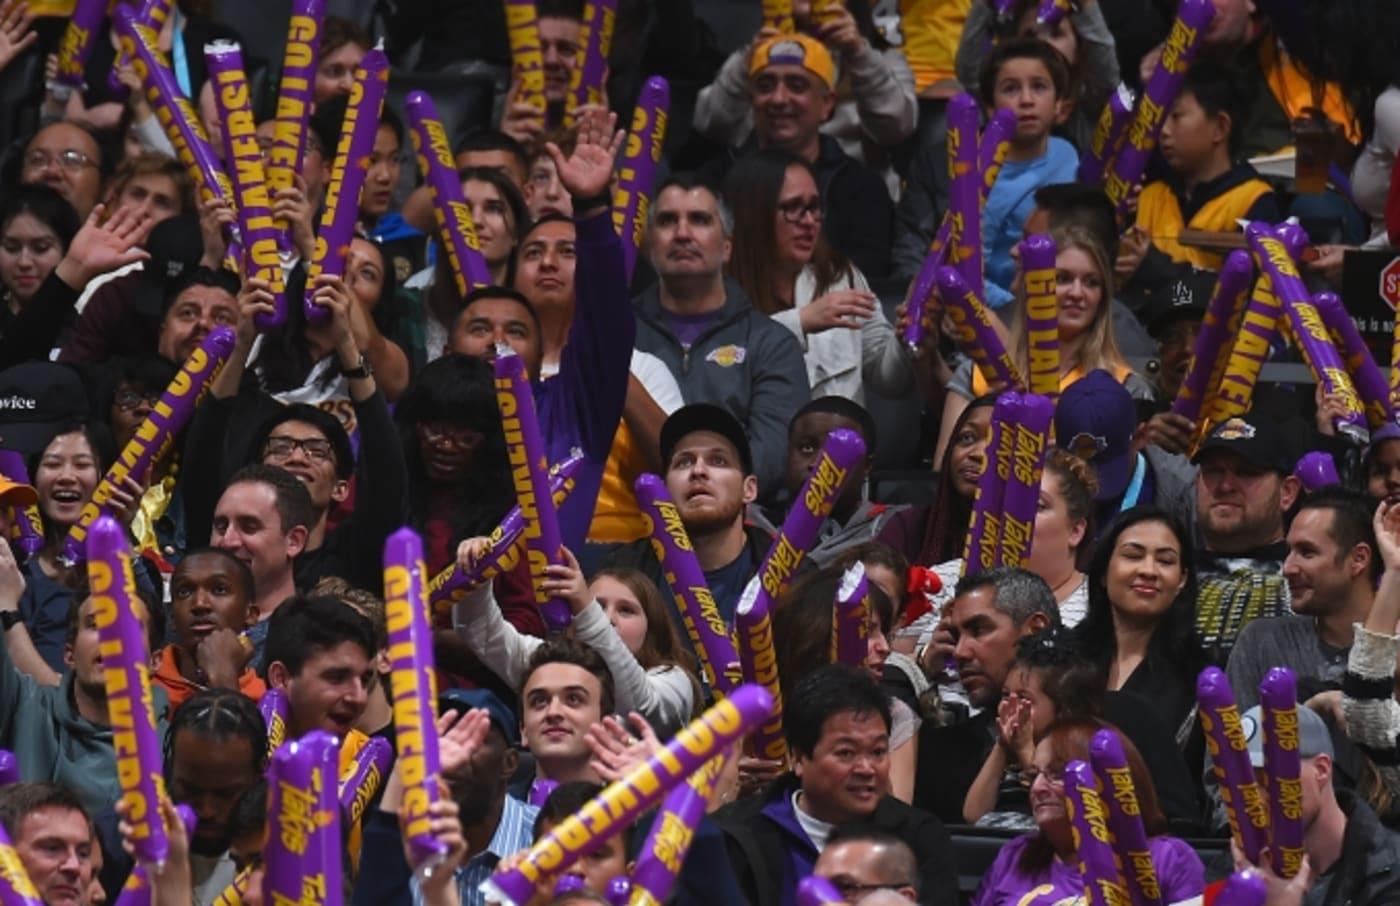 Lakers fans.